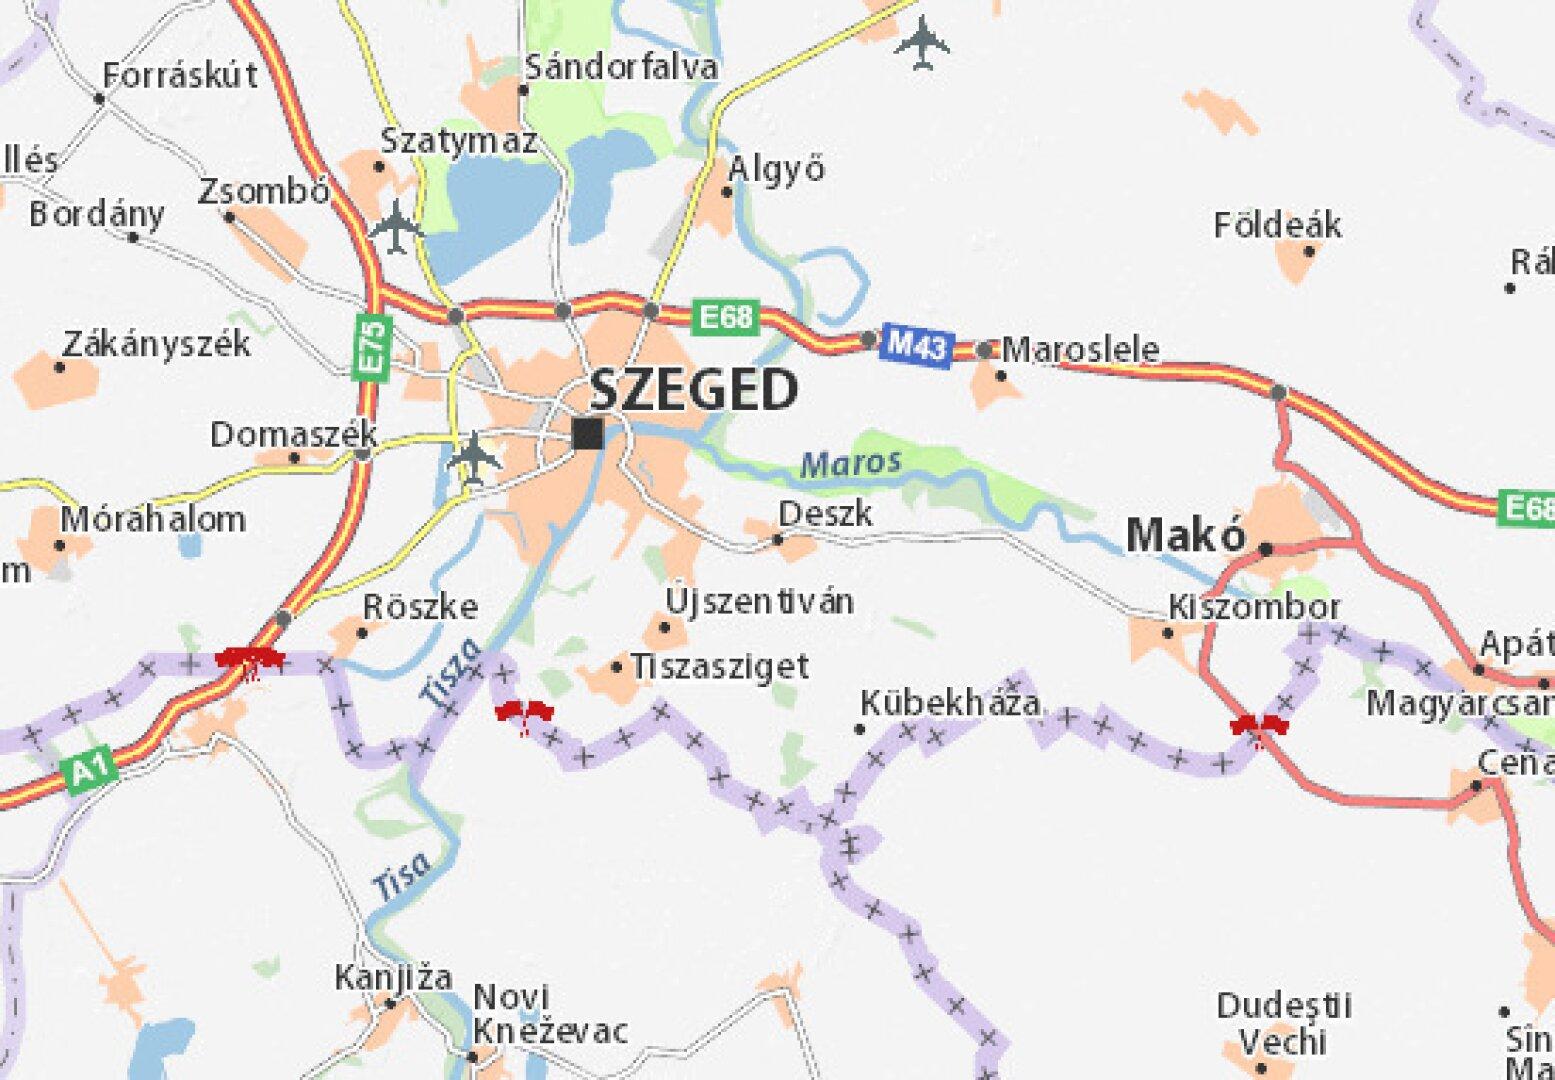 Deszk gut ersichtlich zw. Szeged und Mako